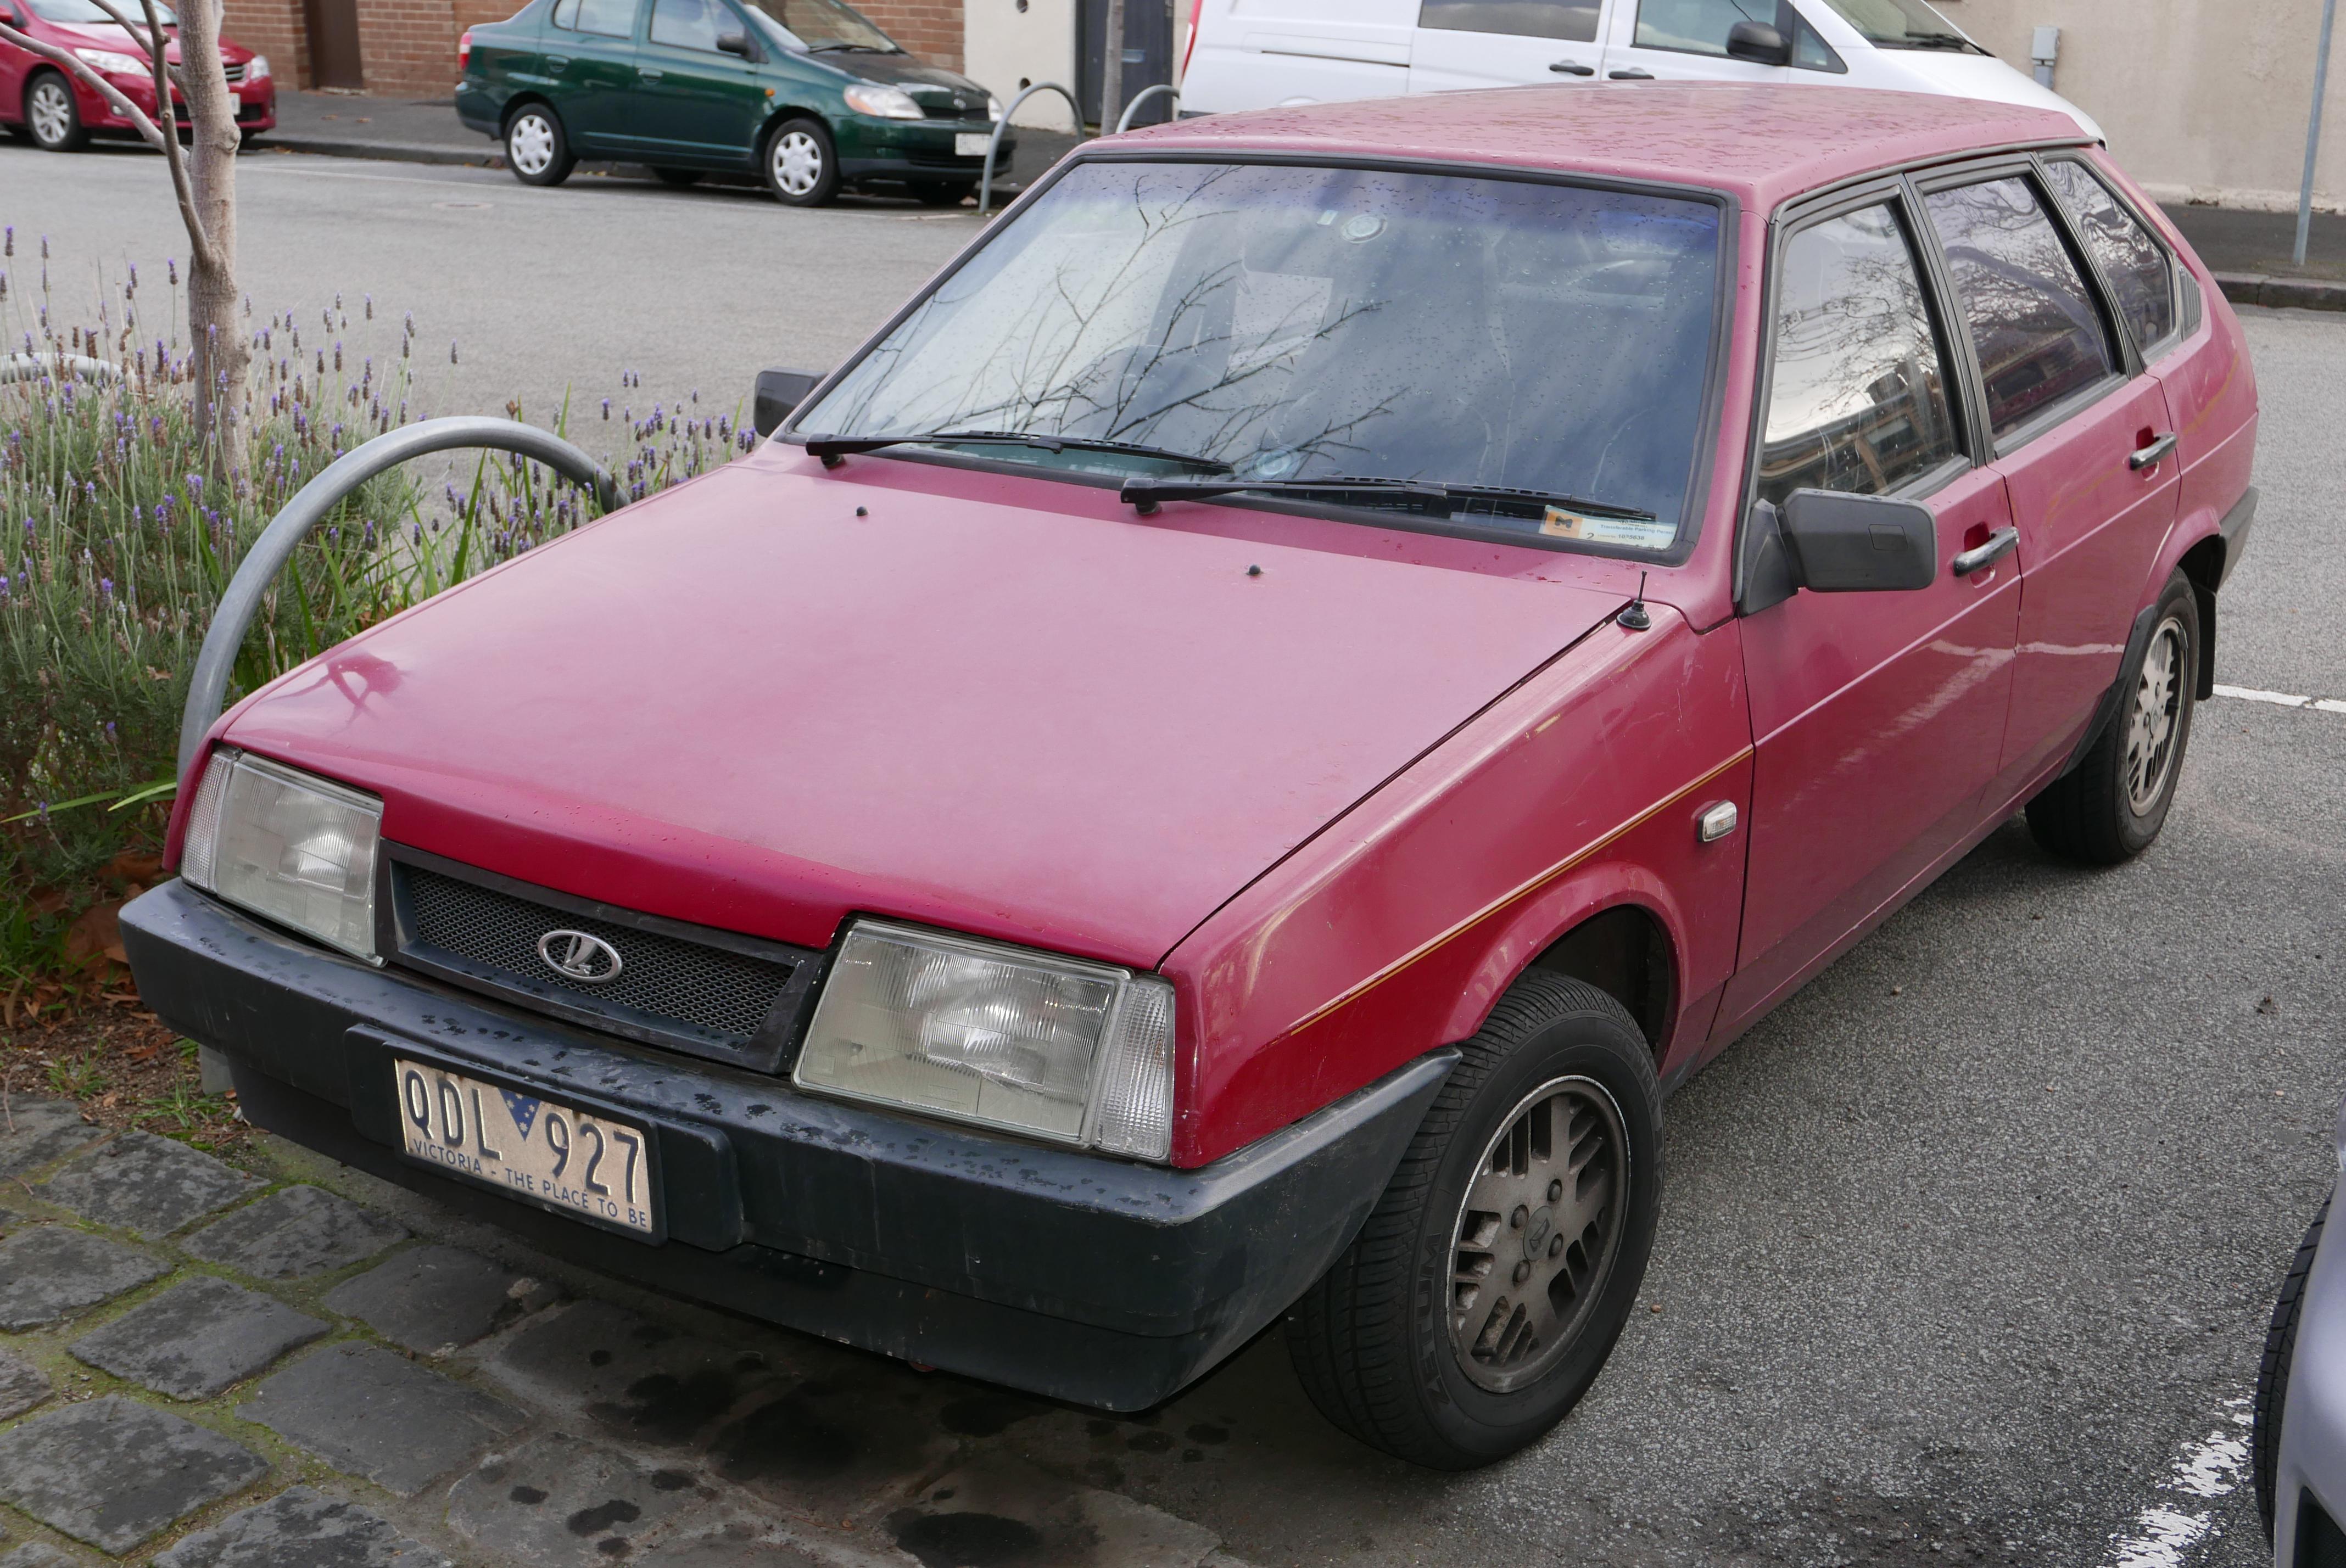 1991_Lada_Samara_1300_5-door_hatchback_(